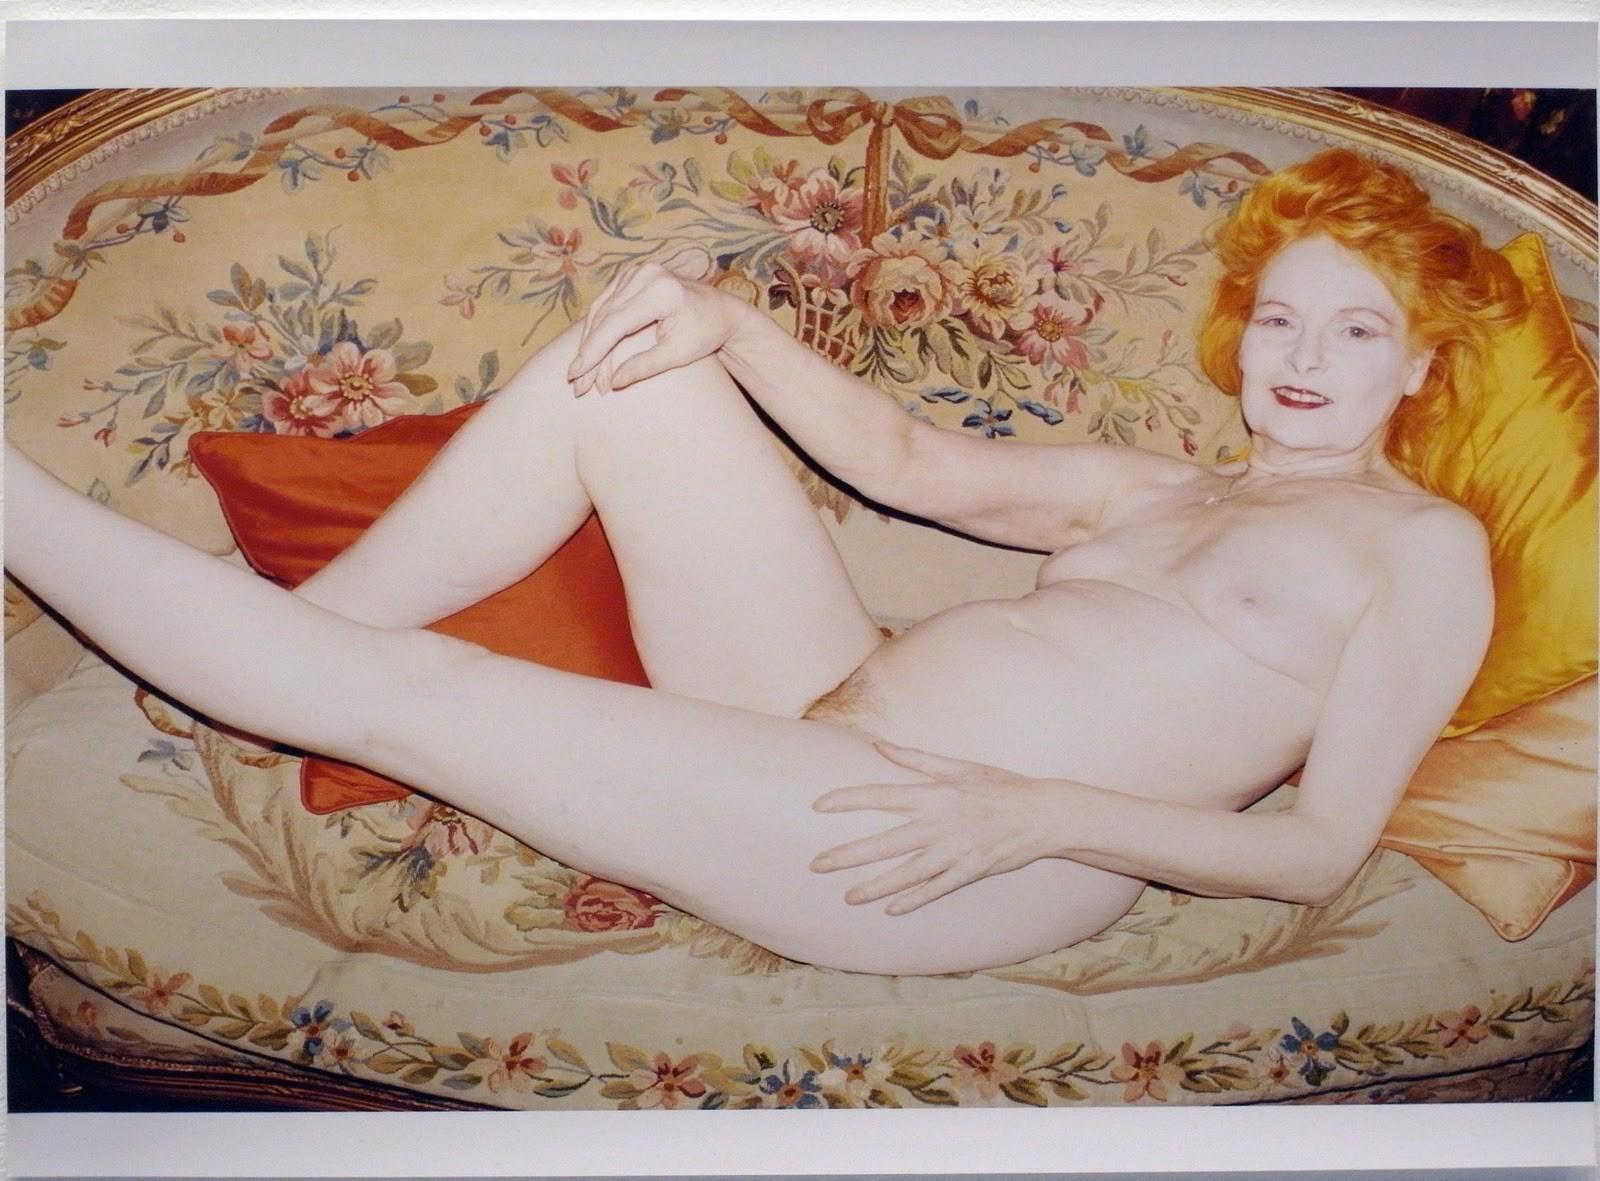 Foto de Vivienne Westwood nua, clicada por Juergen Teller (Foto: Divulgação)